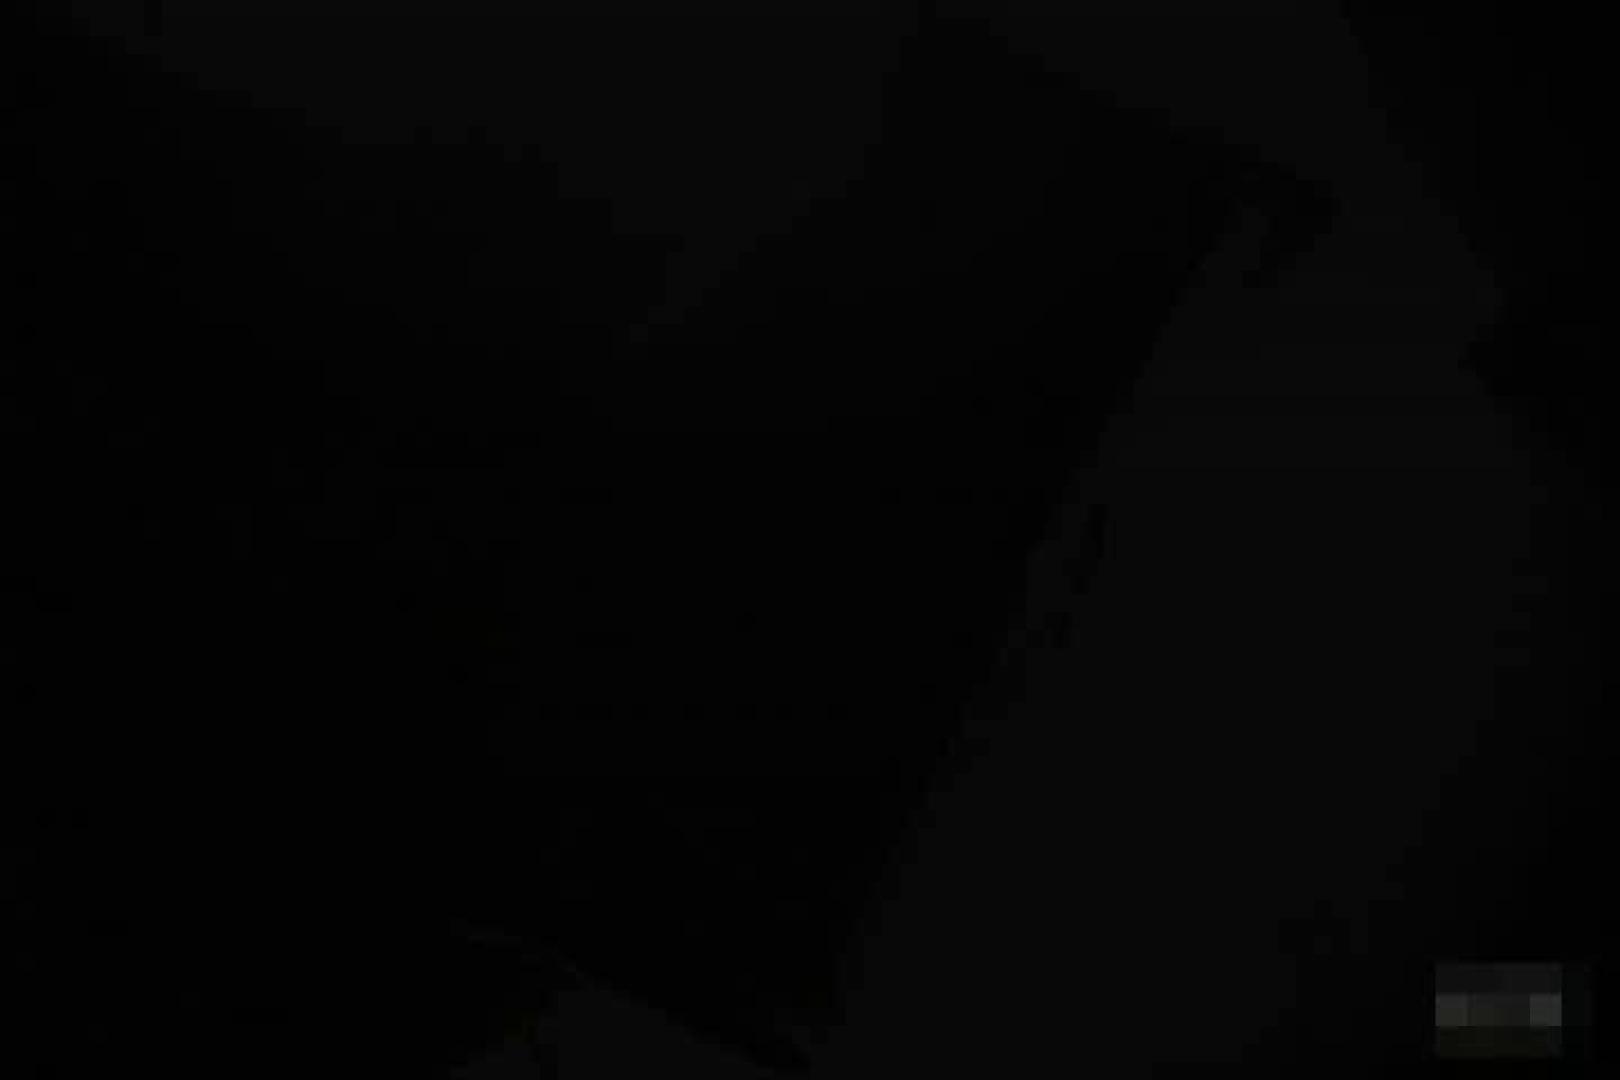 パンチラ七変化!!Vol.14 接写 のぞき濡れ場動画紹介 97画像 9